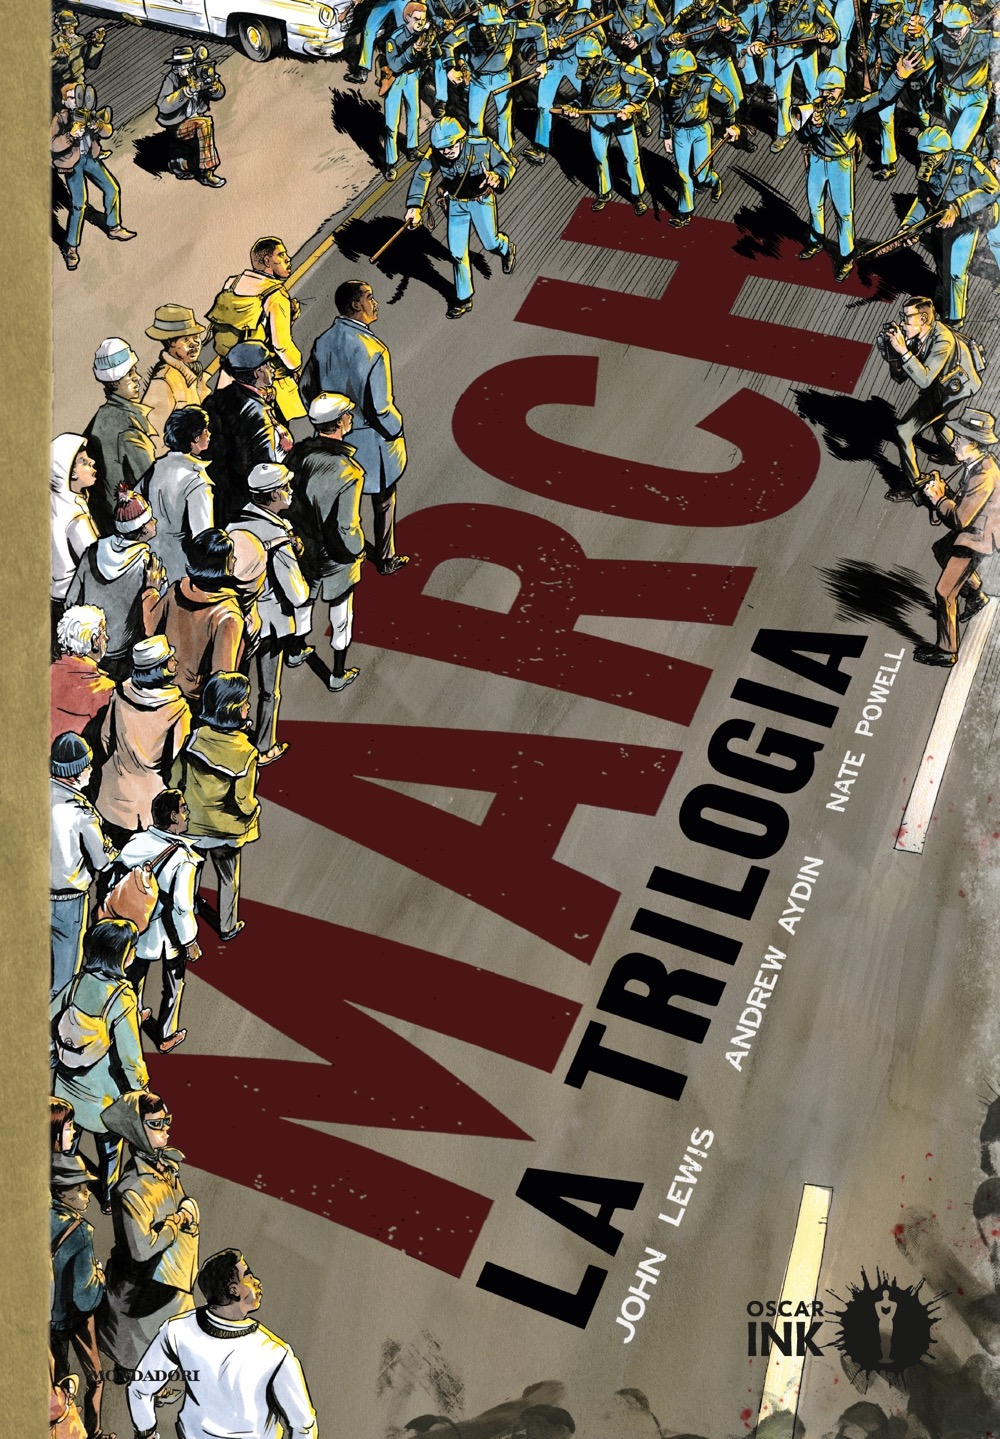 March. La trilogia